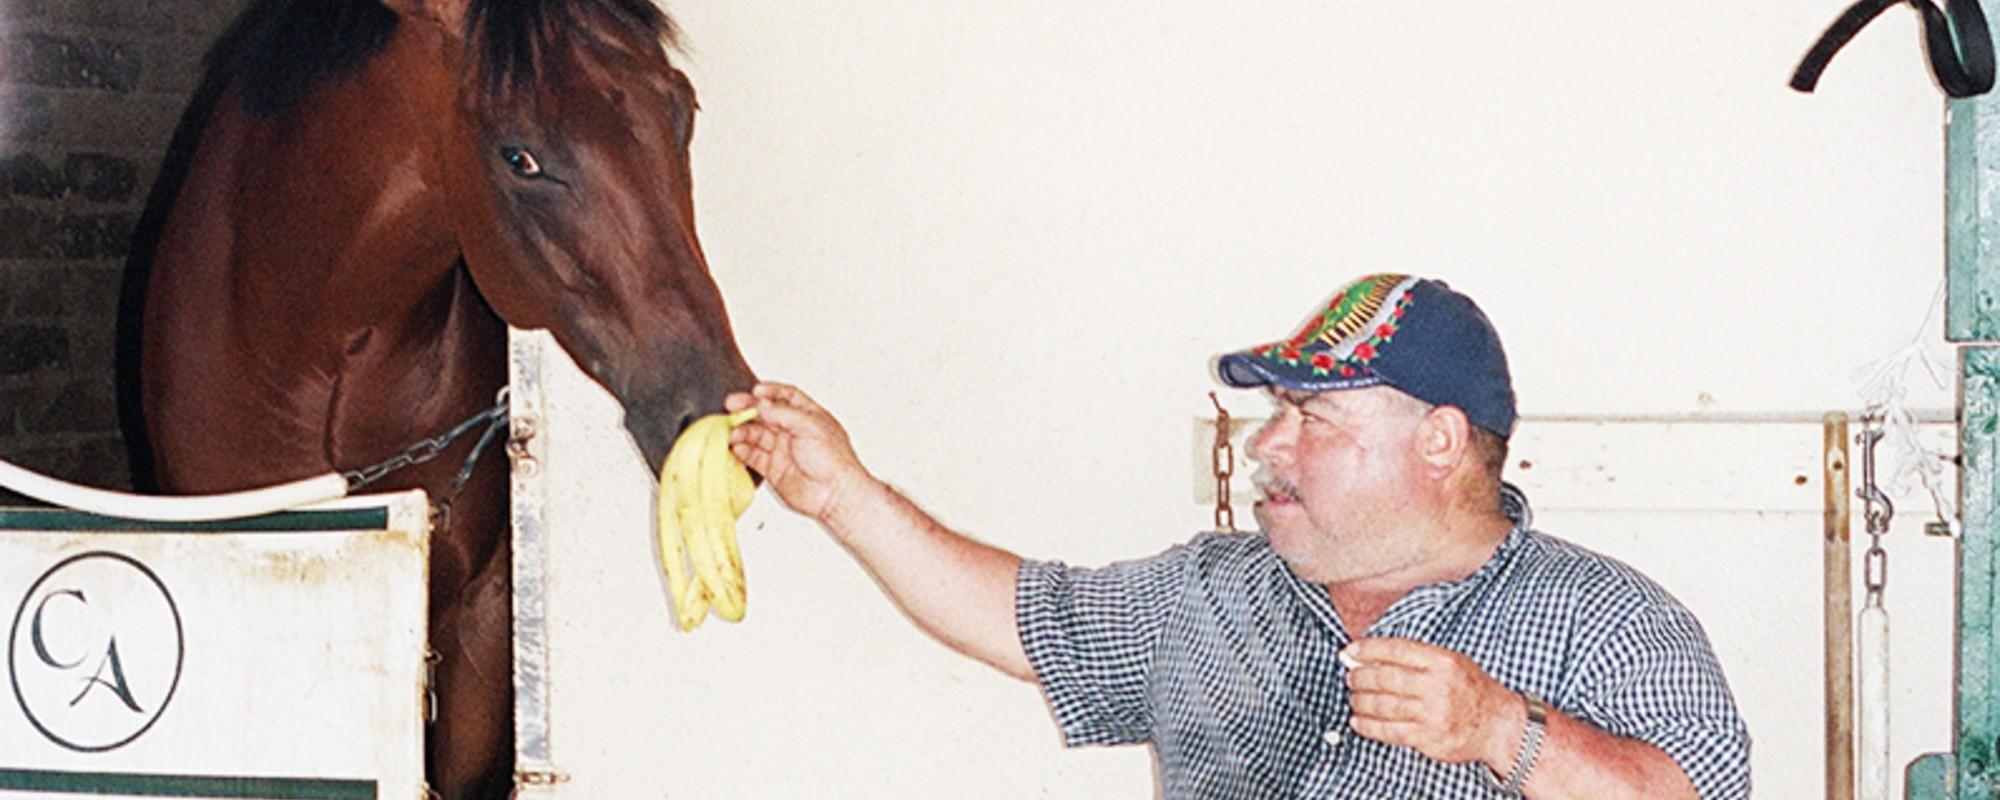 De pracht en praal van een dag bij de paardenrennen